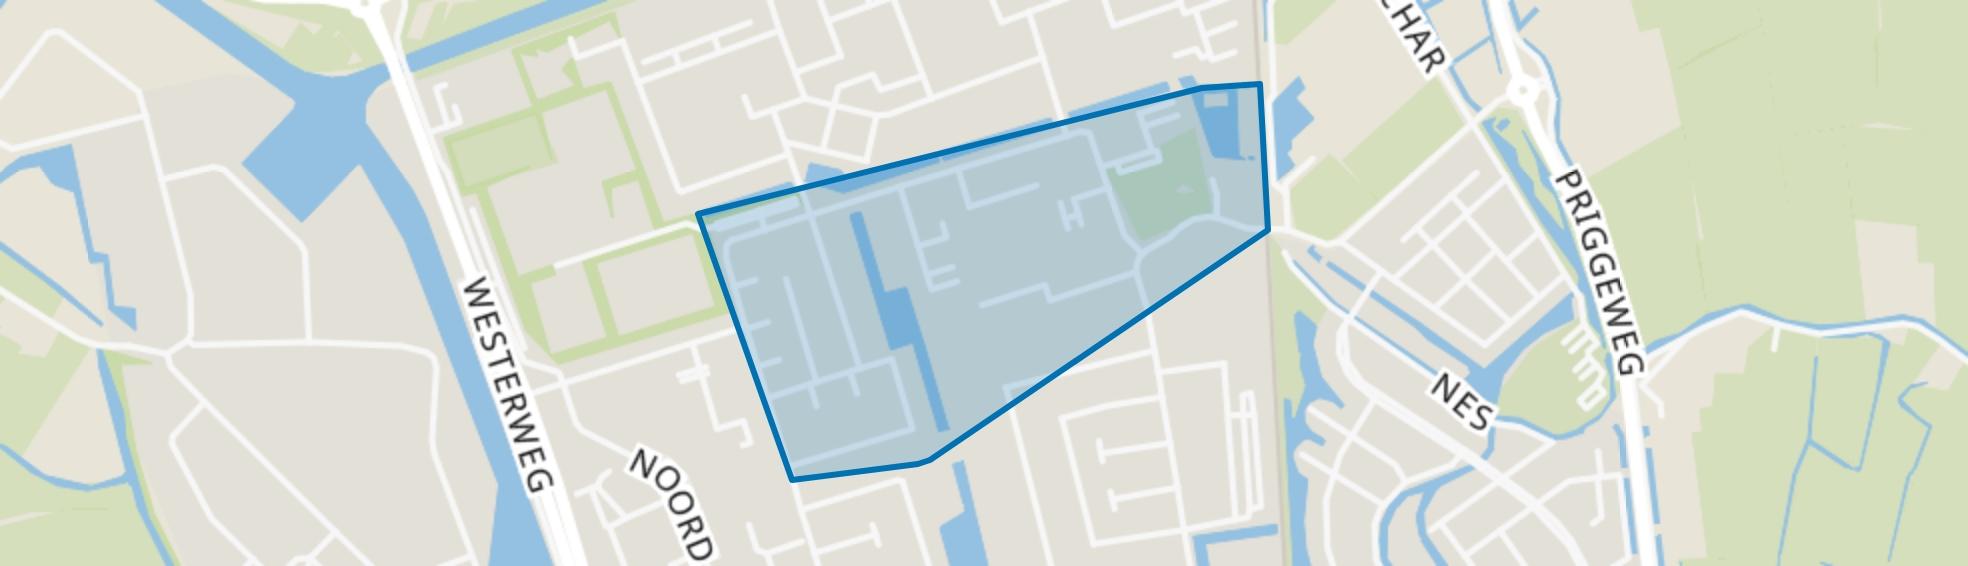 Groeneweg-Zuid, Schagen map